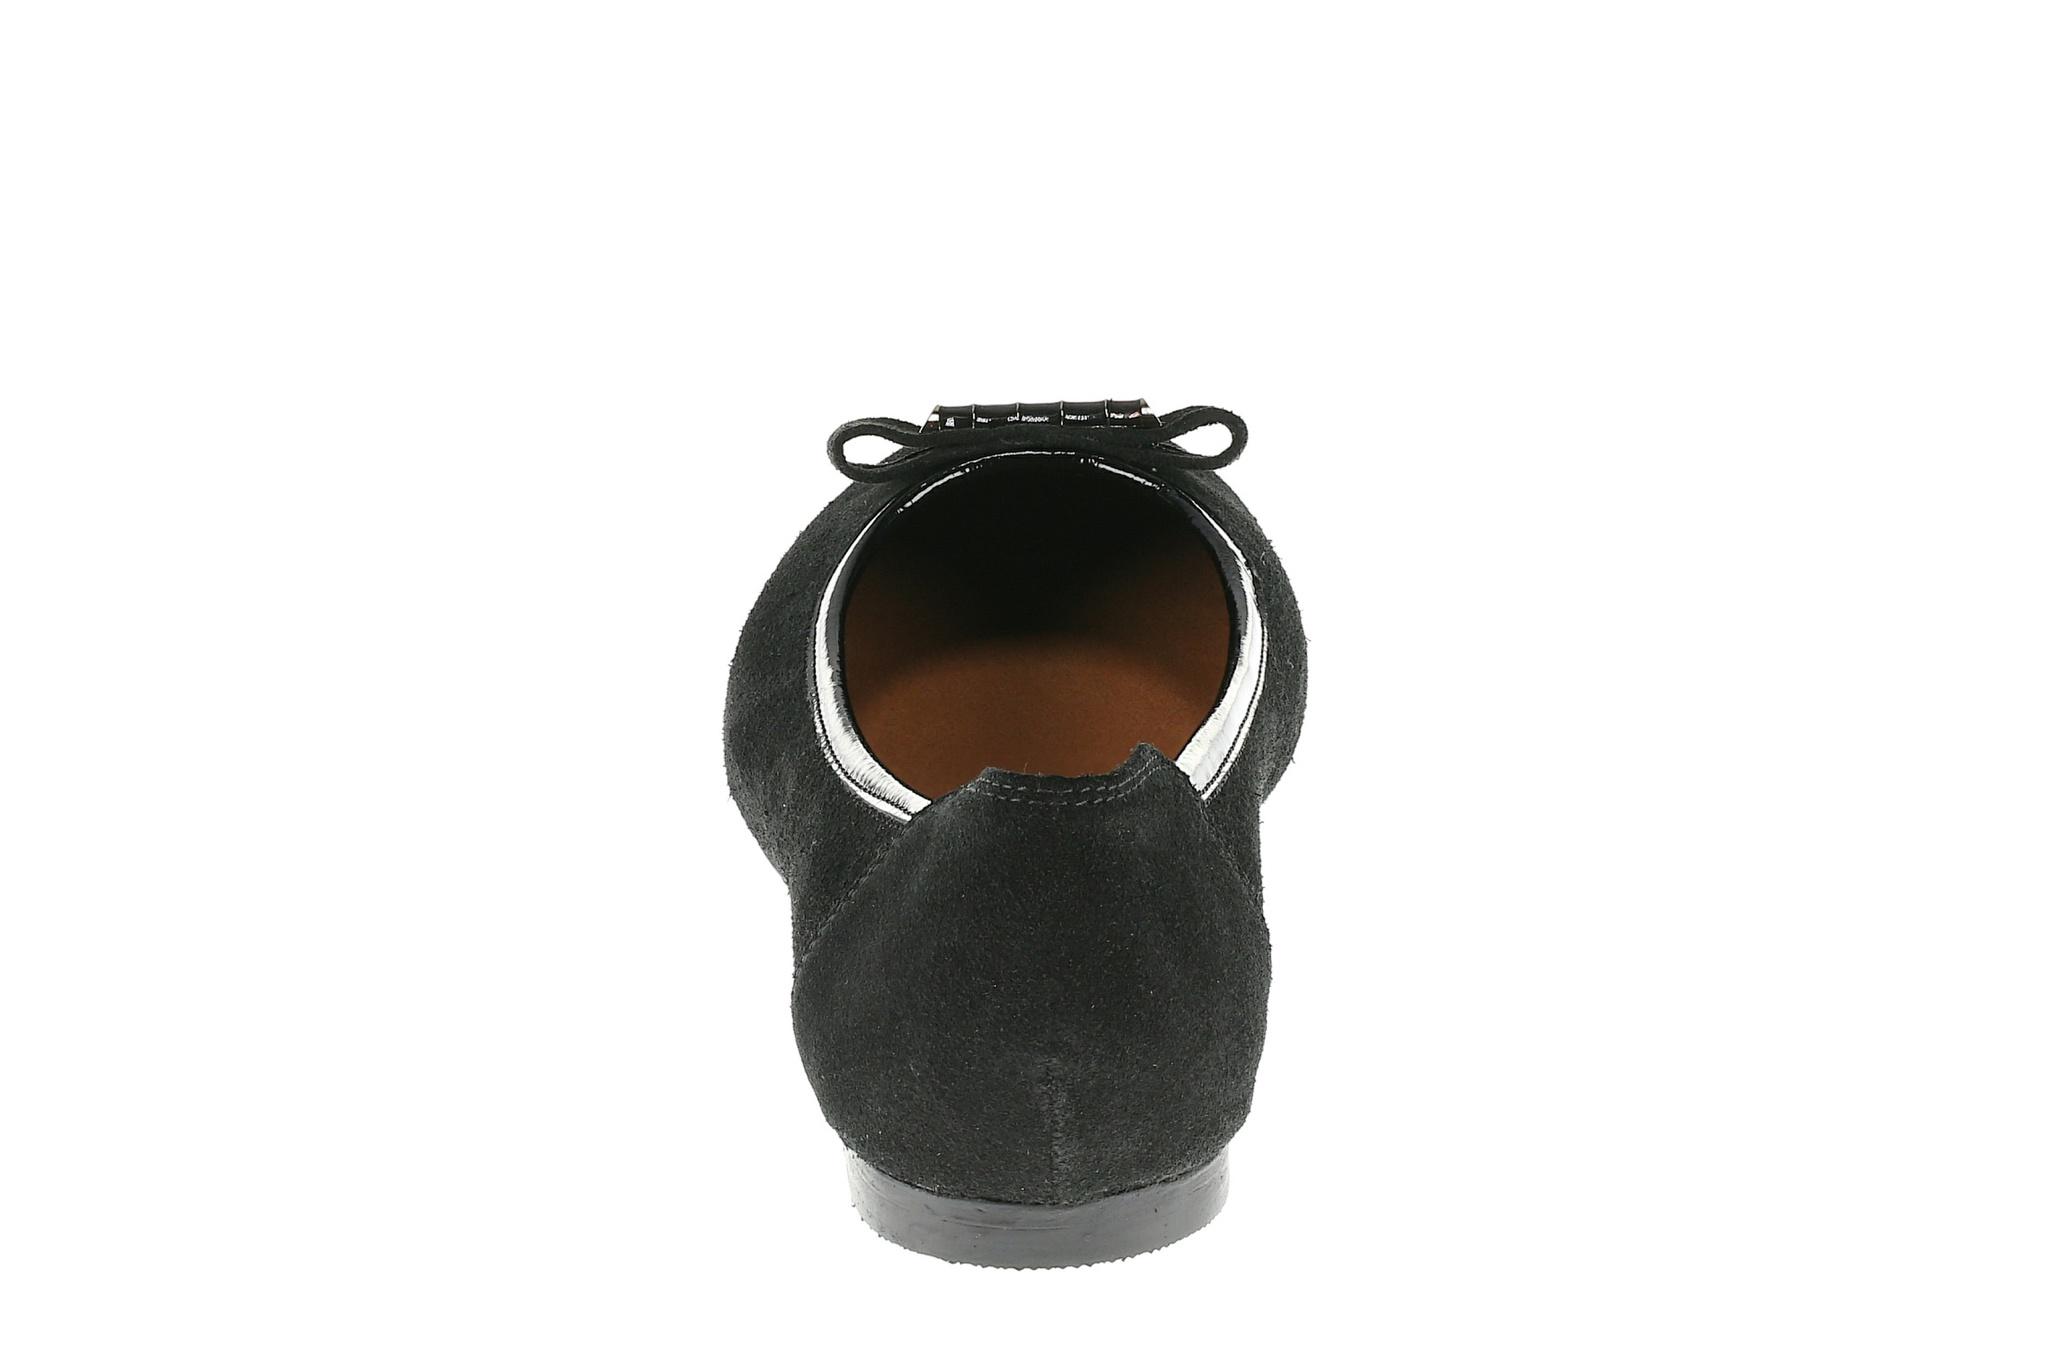 568298 Туфли женские черные замша больших размеров марки Делфино